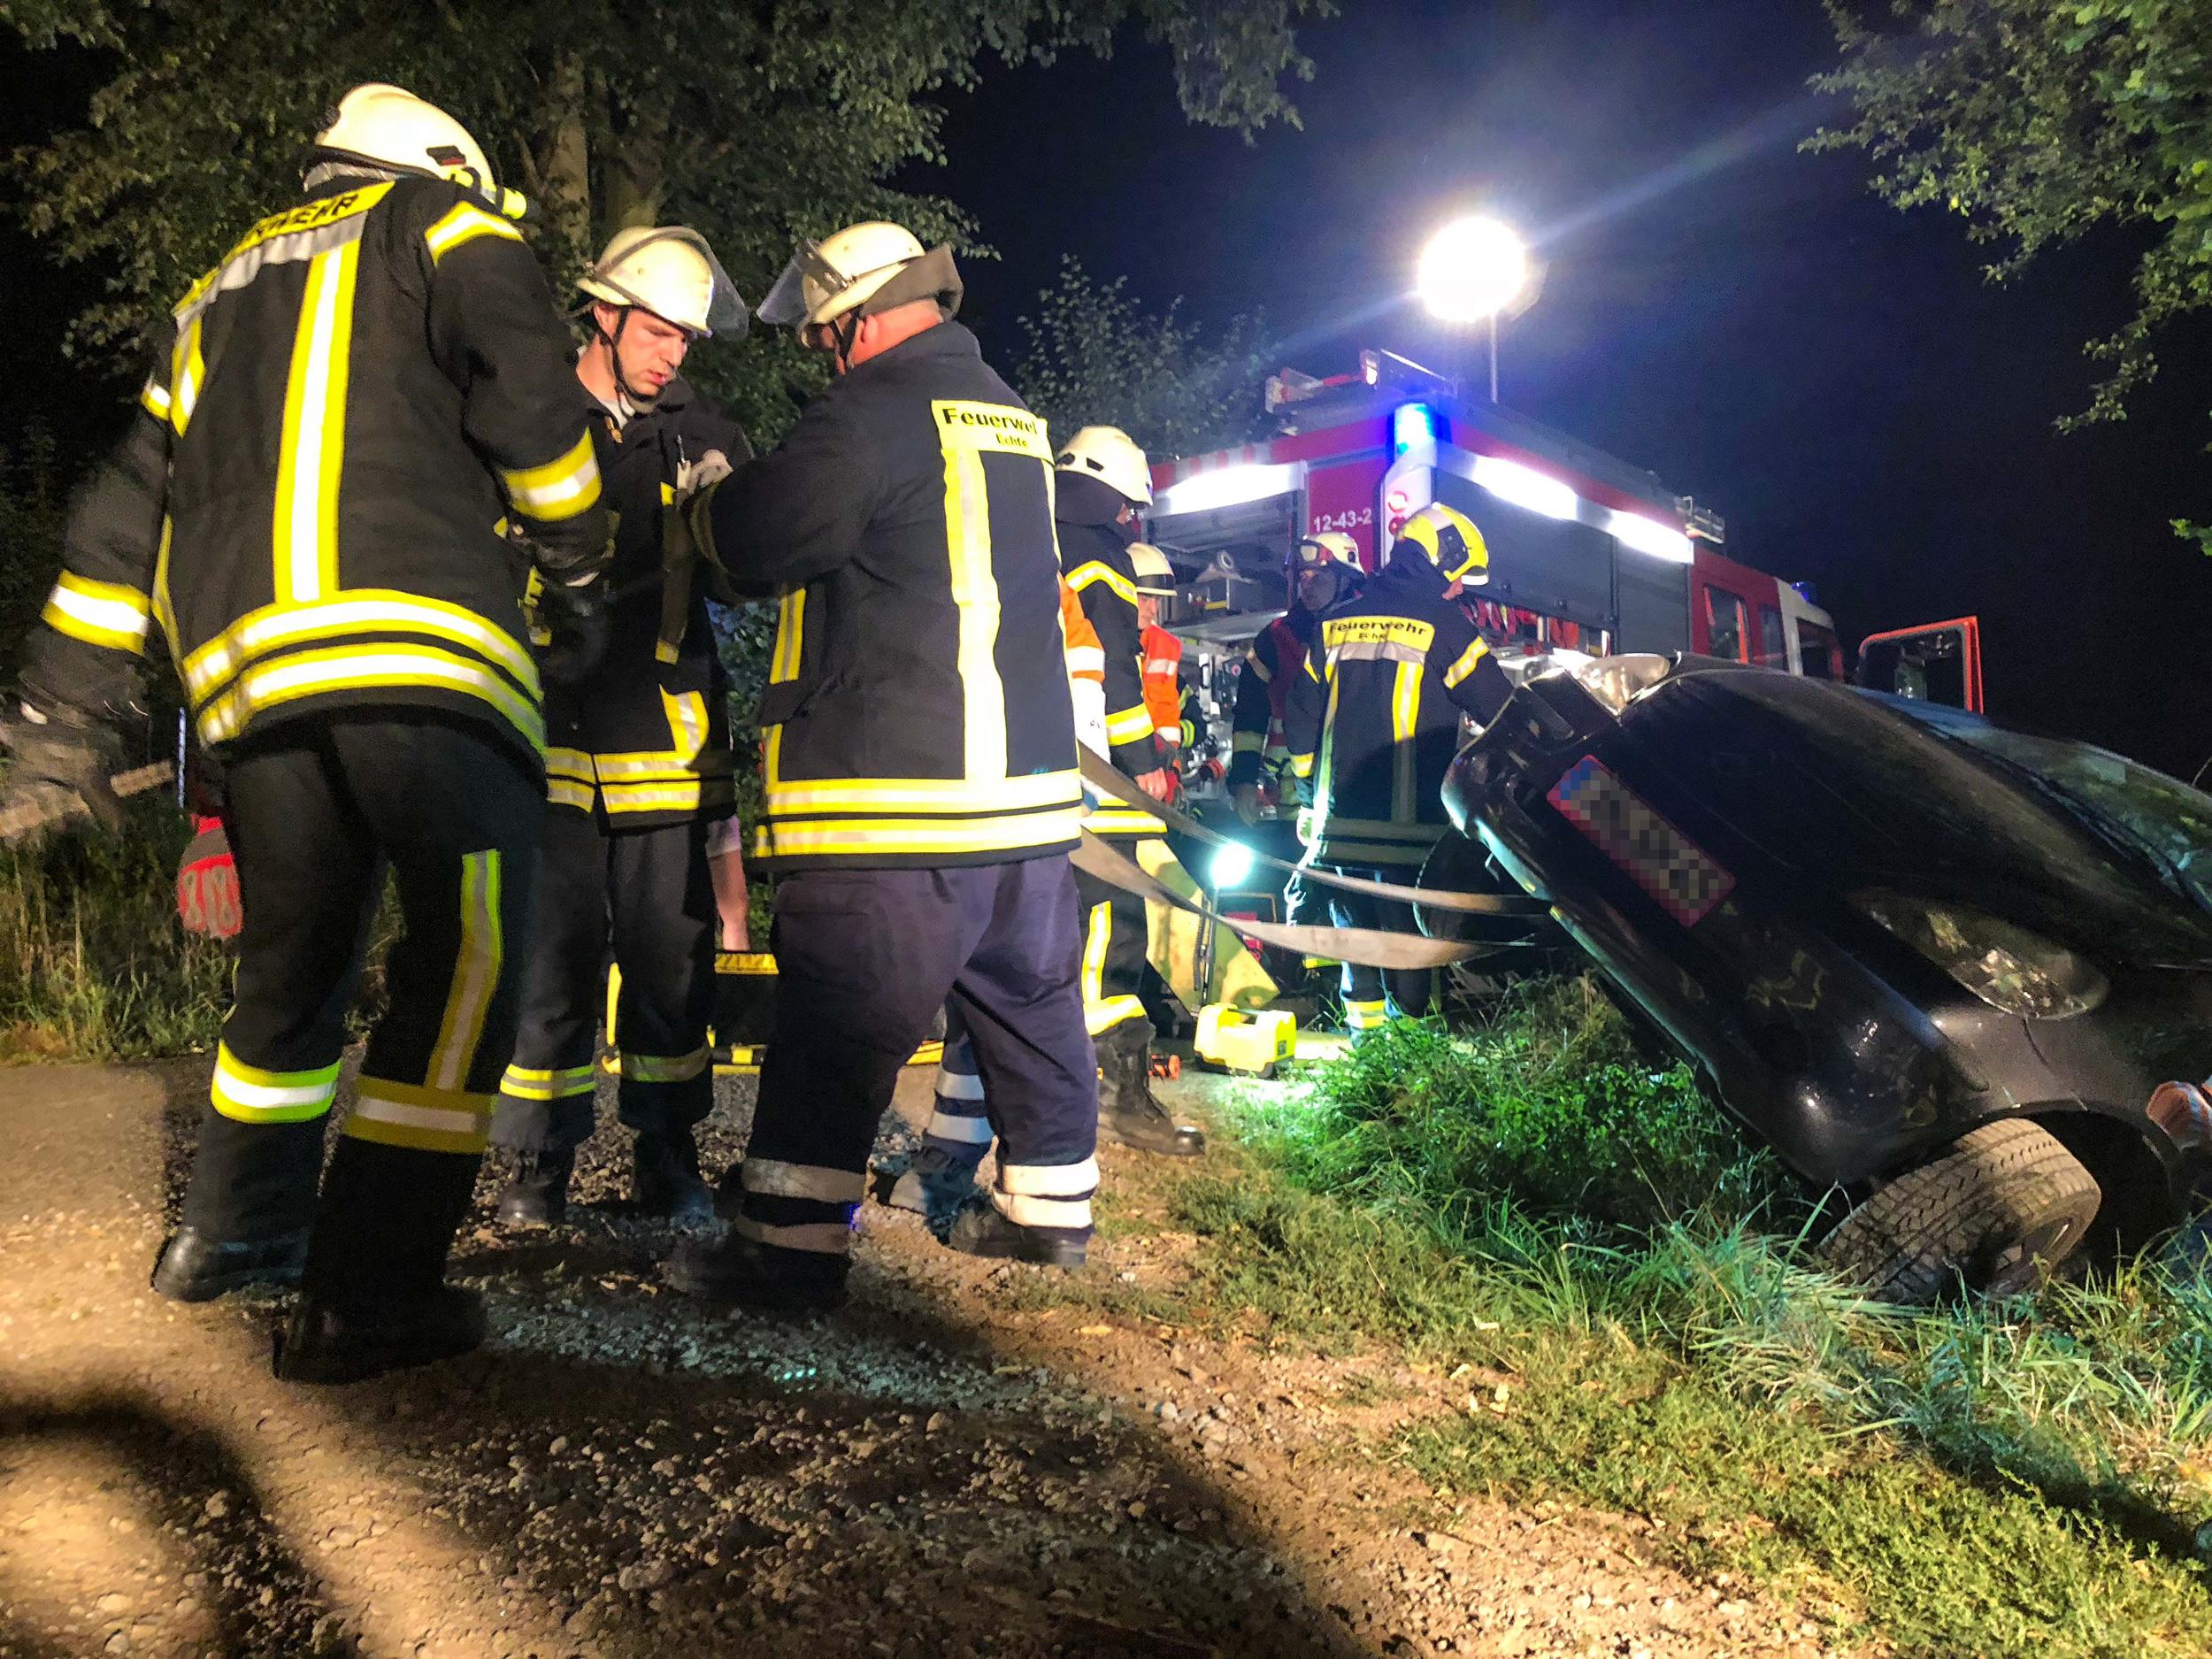 Feuerwehr rettet Frau aus abgestürztem Auto